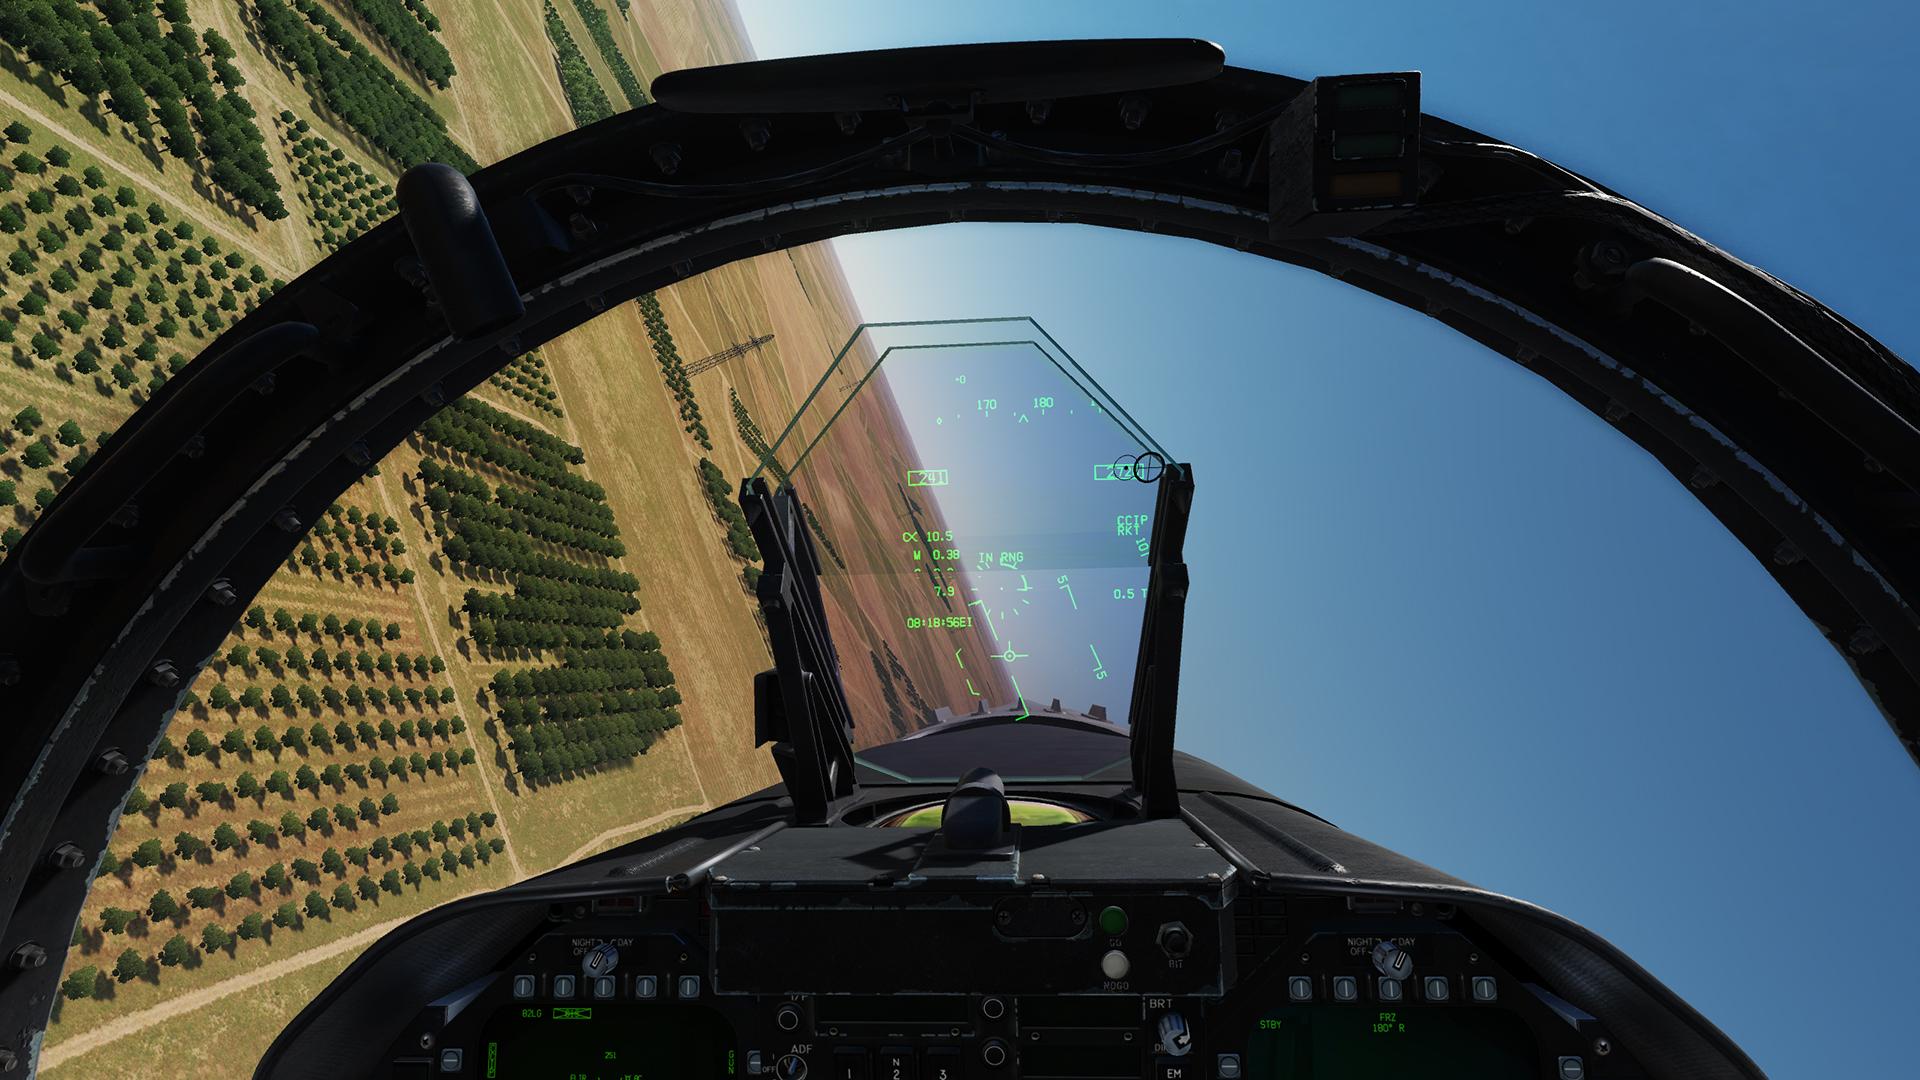 screen_201124_215540g1jm8.jpg